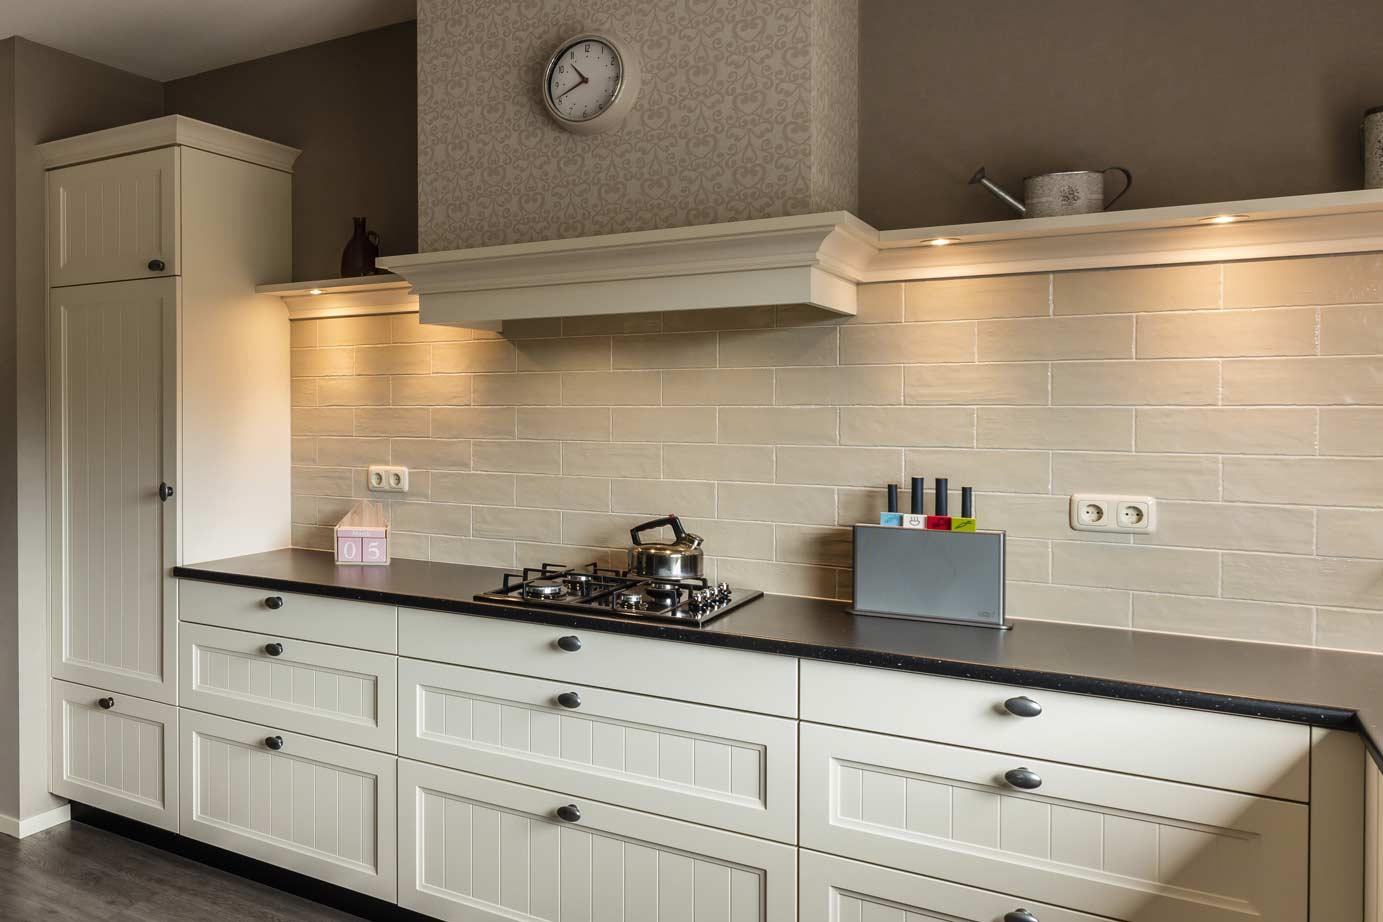 New Tegels voor de keuken en badkamer. Eigen montage - DB Keukens @SF28